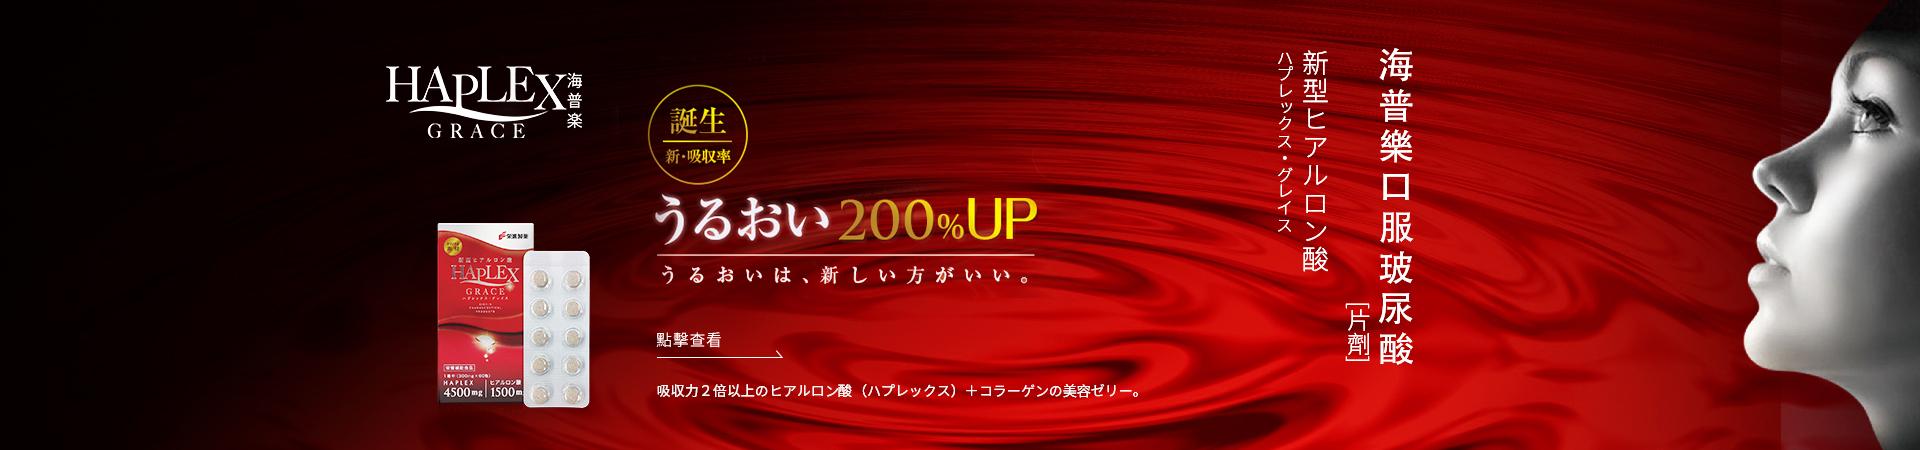 1   商品描述 HAPLEX海普樂是一款富含多種美容成分的口服透明質酸片劑。